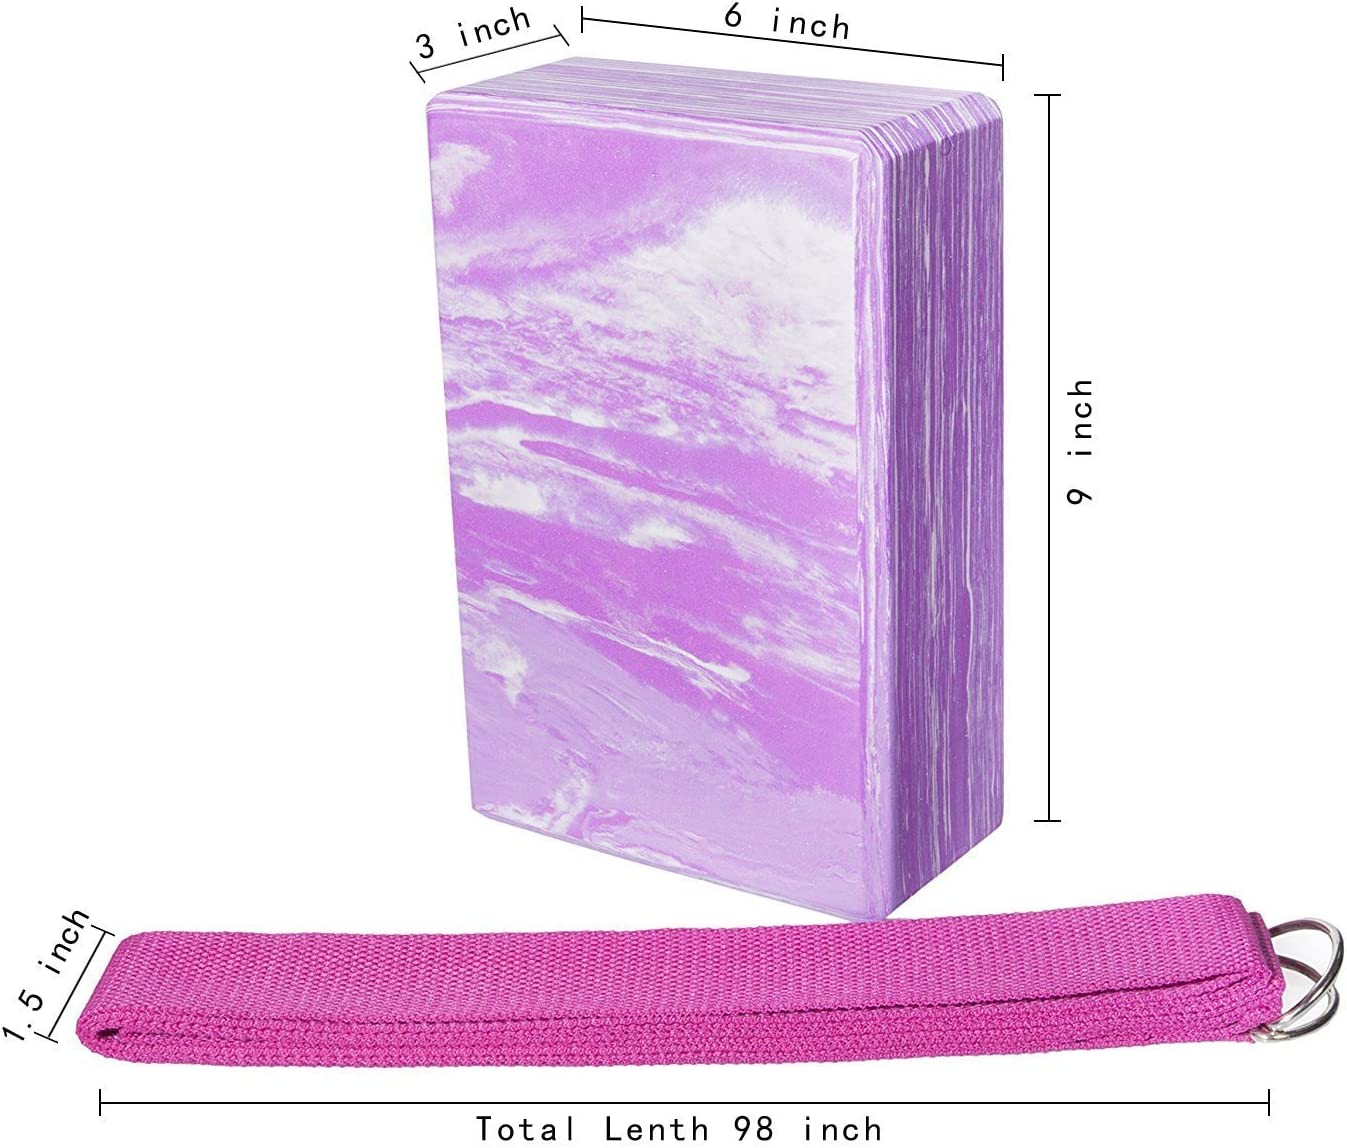 Mixte Yoport Bloc de Yoga en Mousse EVA Haute densit/é et Sangle